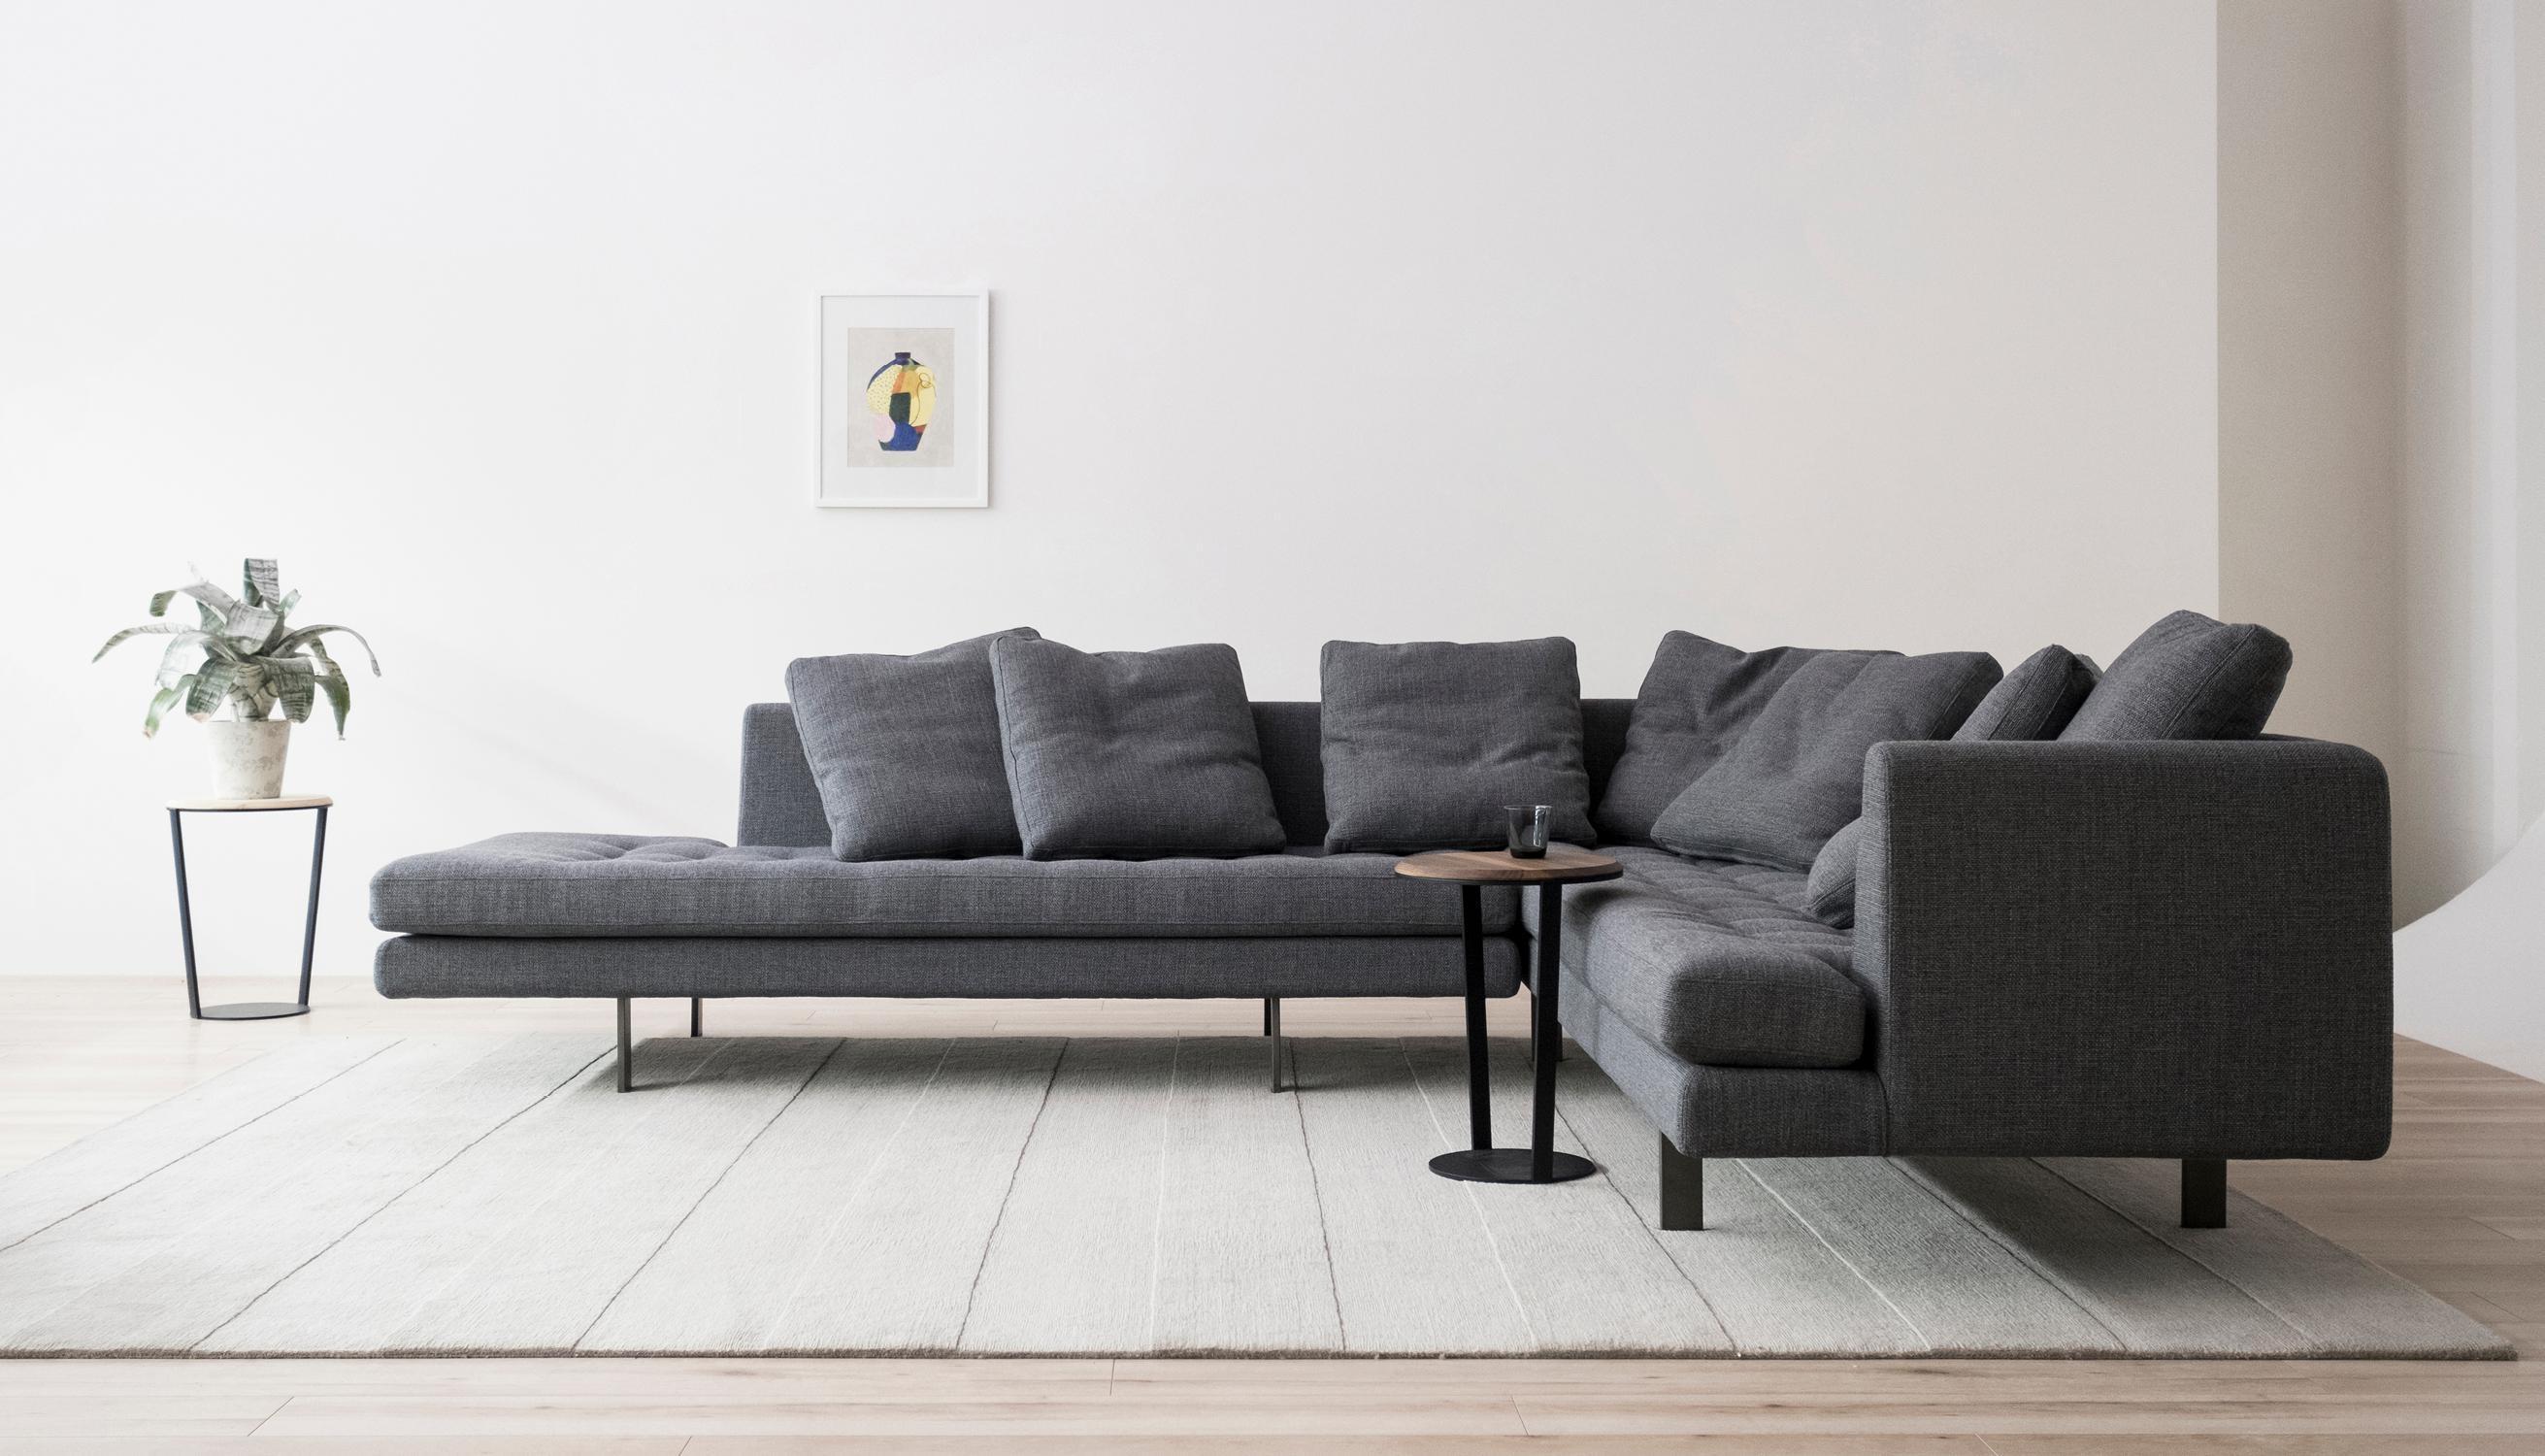 Bensen Inside Bensen Sofas (Image 2 of 20)